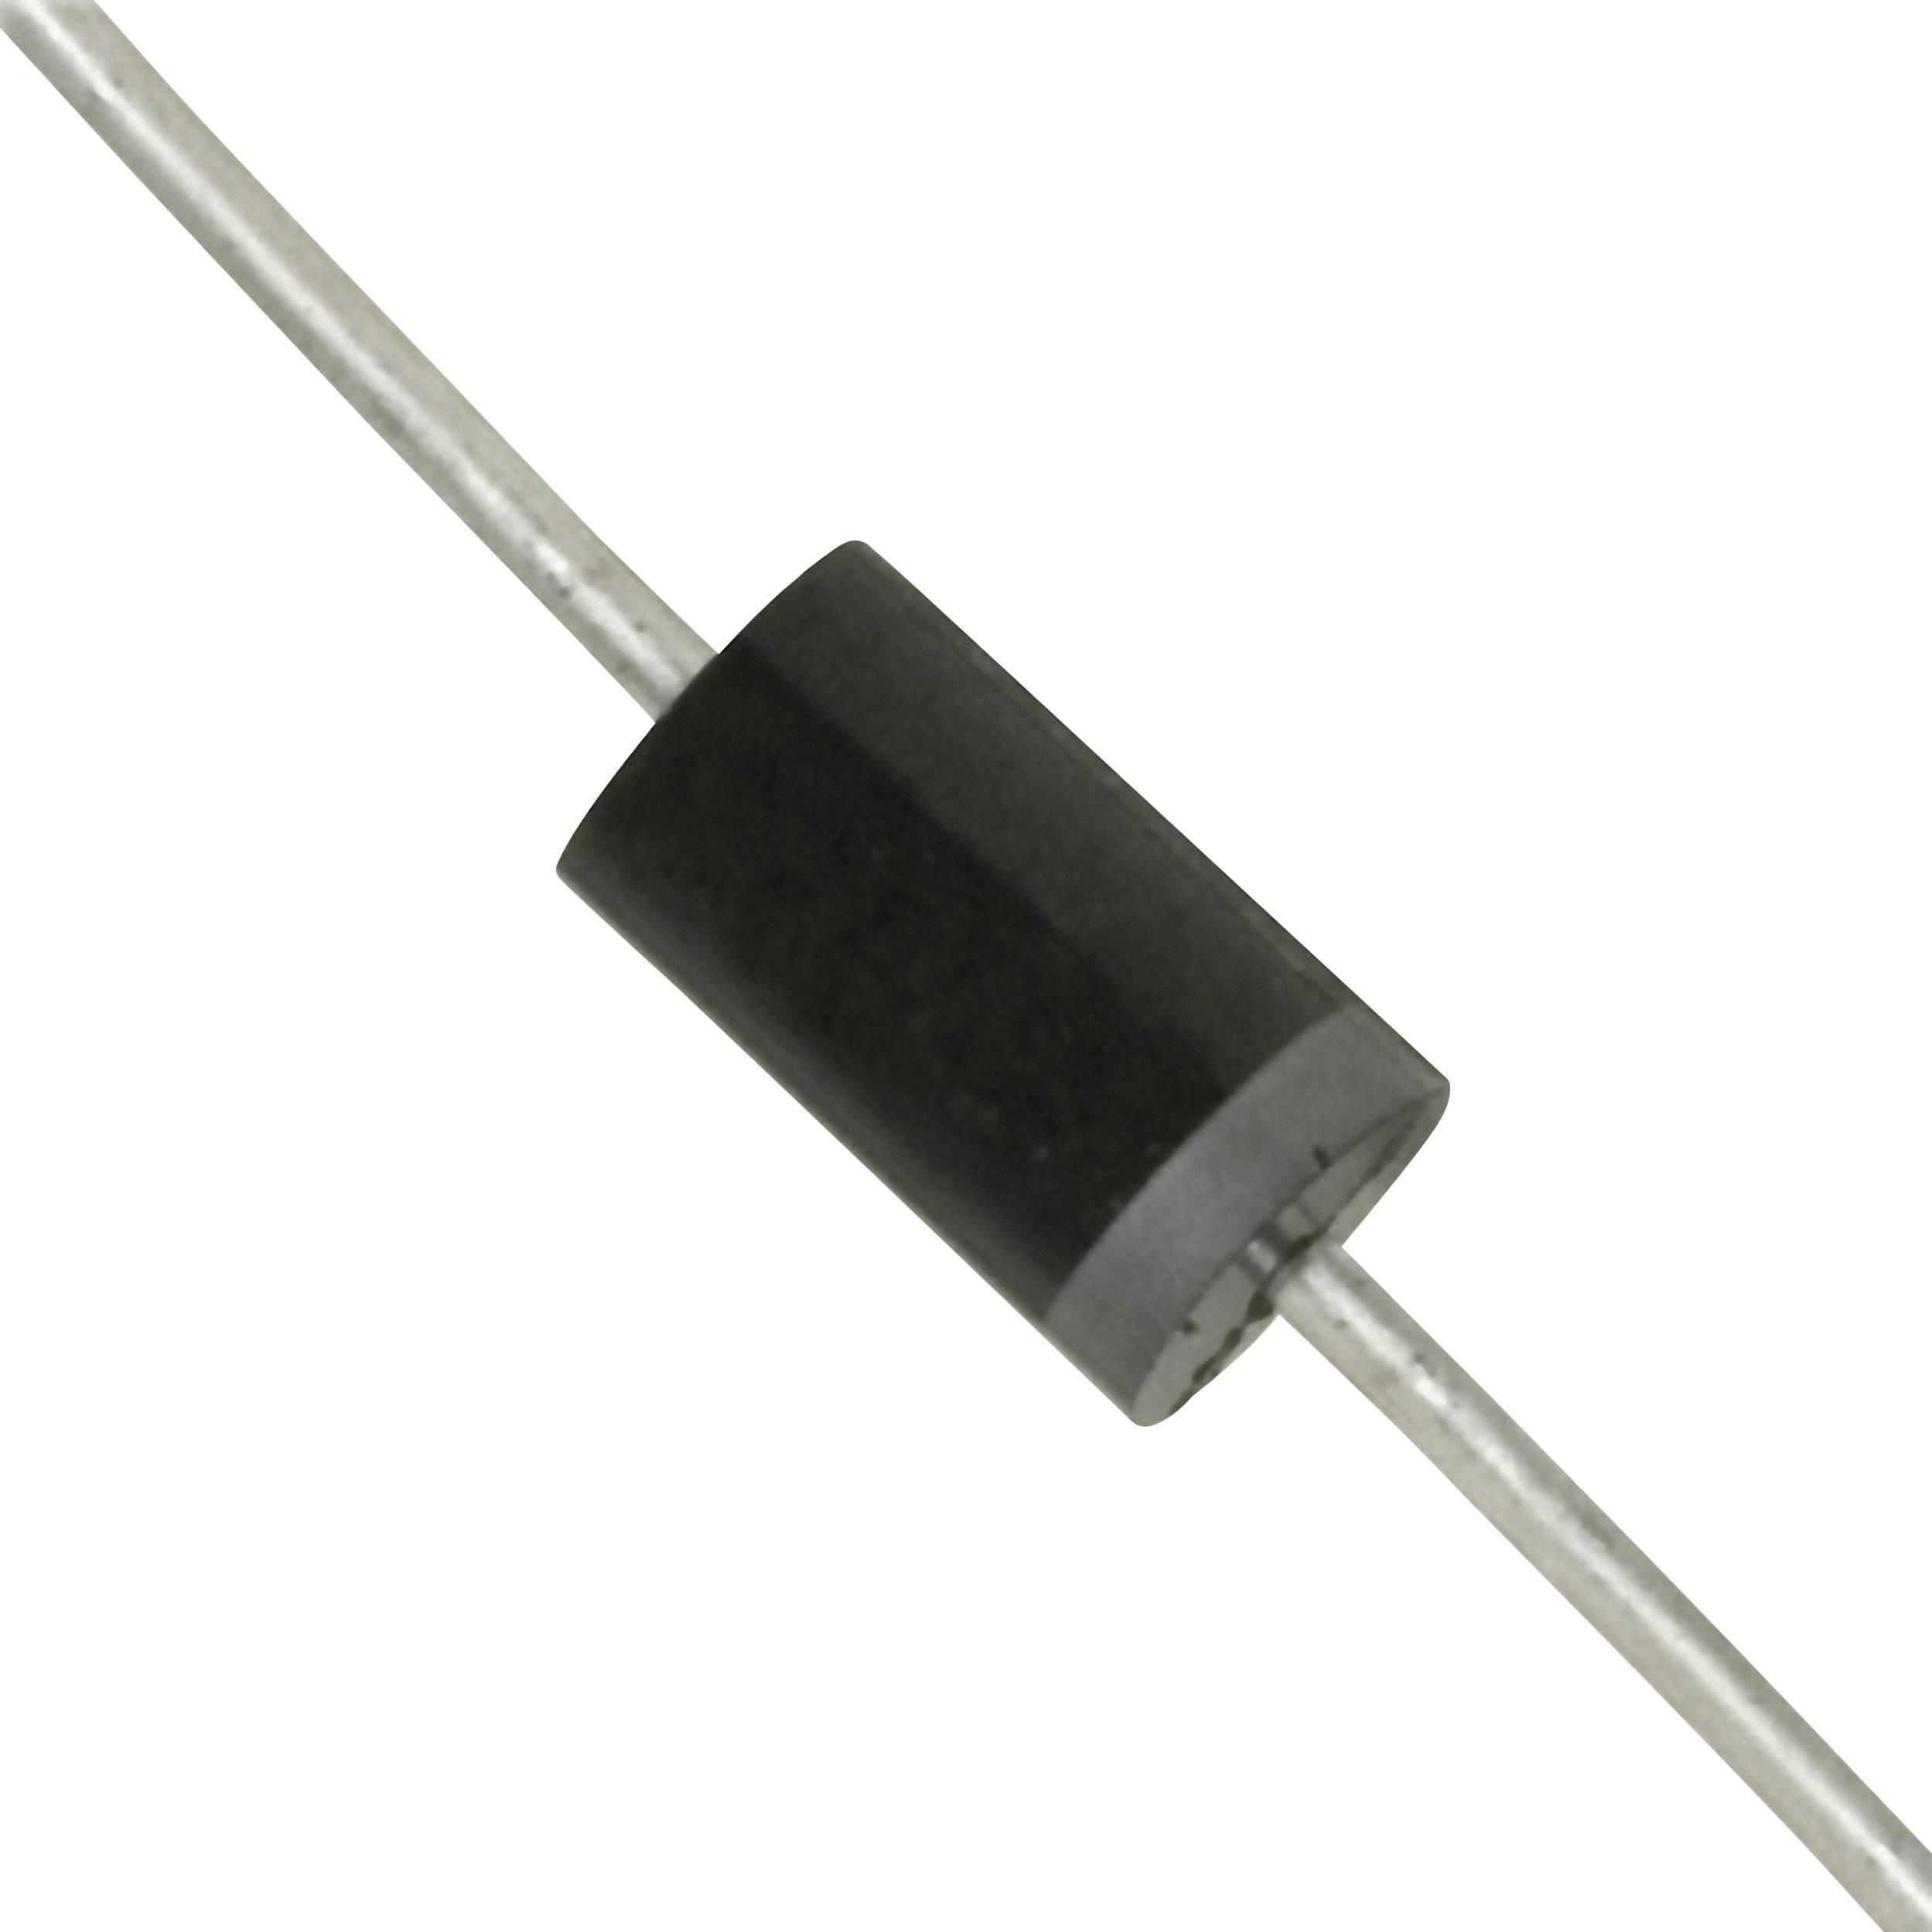 Dióda Z Diotec ZPD22, DO-35, zener. napätie 22 V